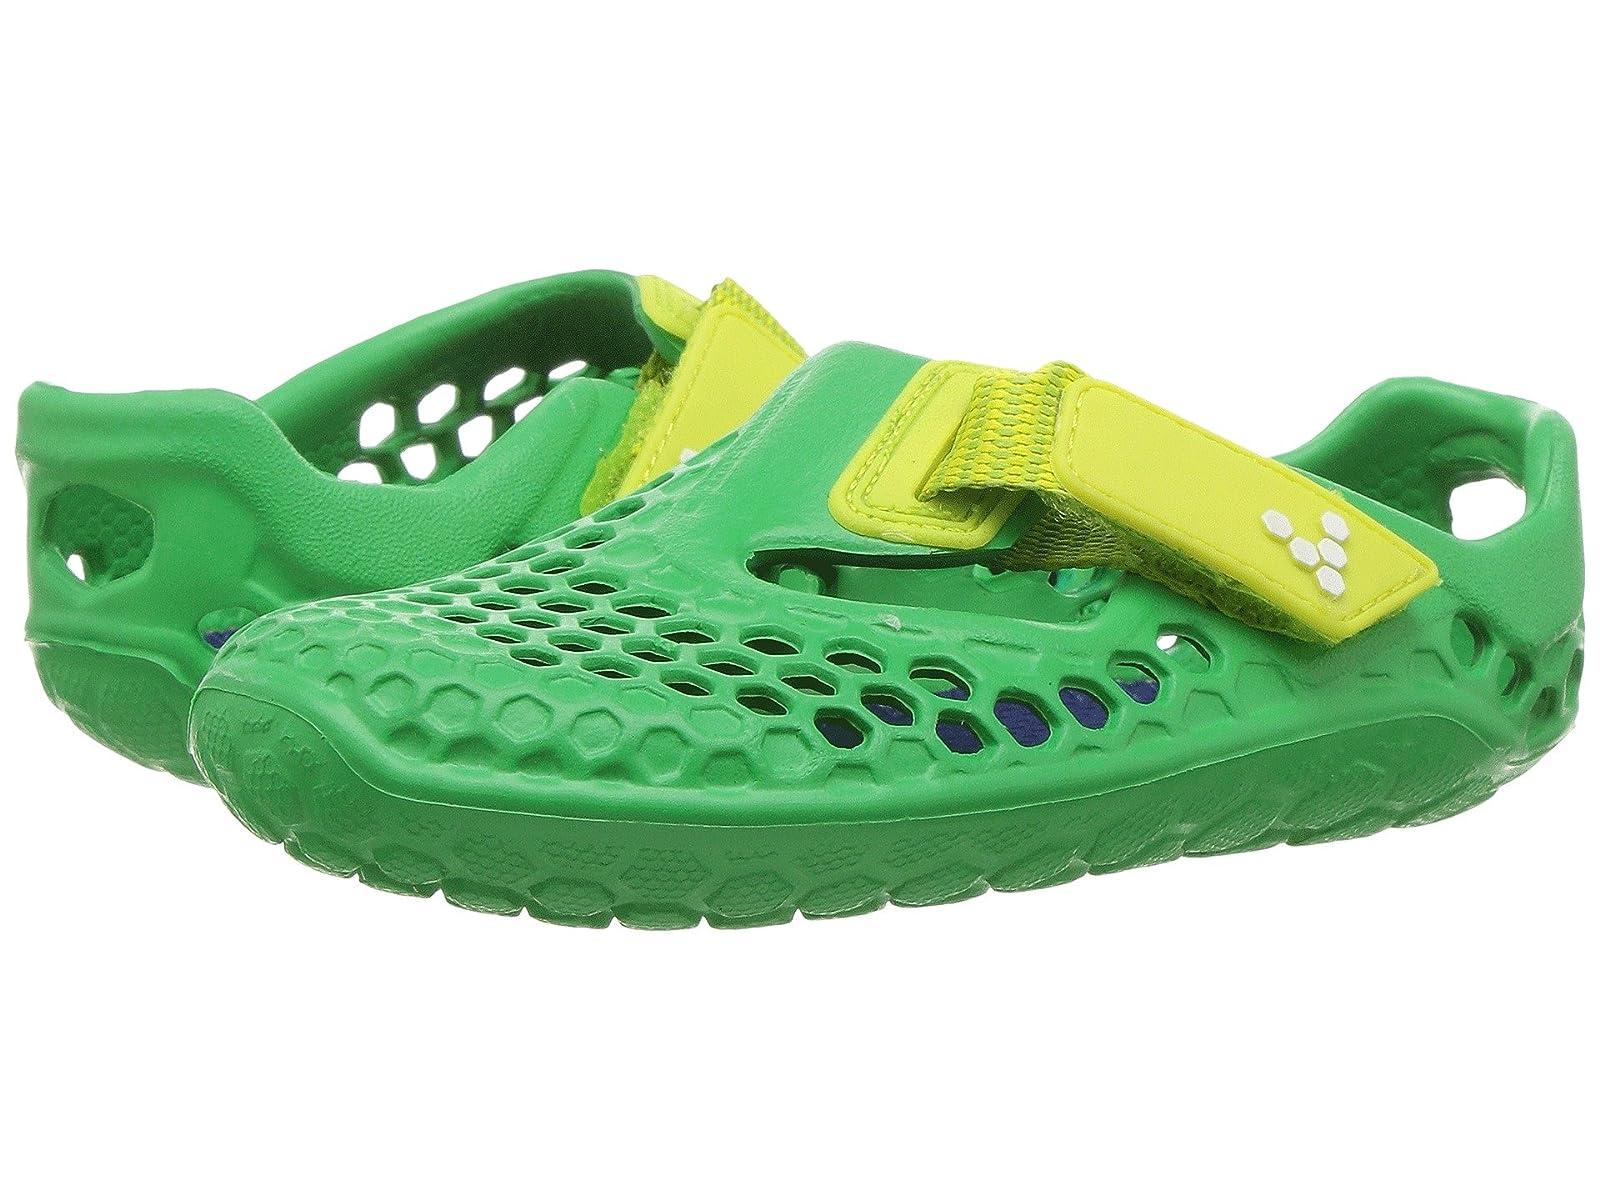 Vivobarefoot Ultra (Toddler/Little Kid/Big Kid)Atmospheric grades have affordable shoes